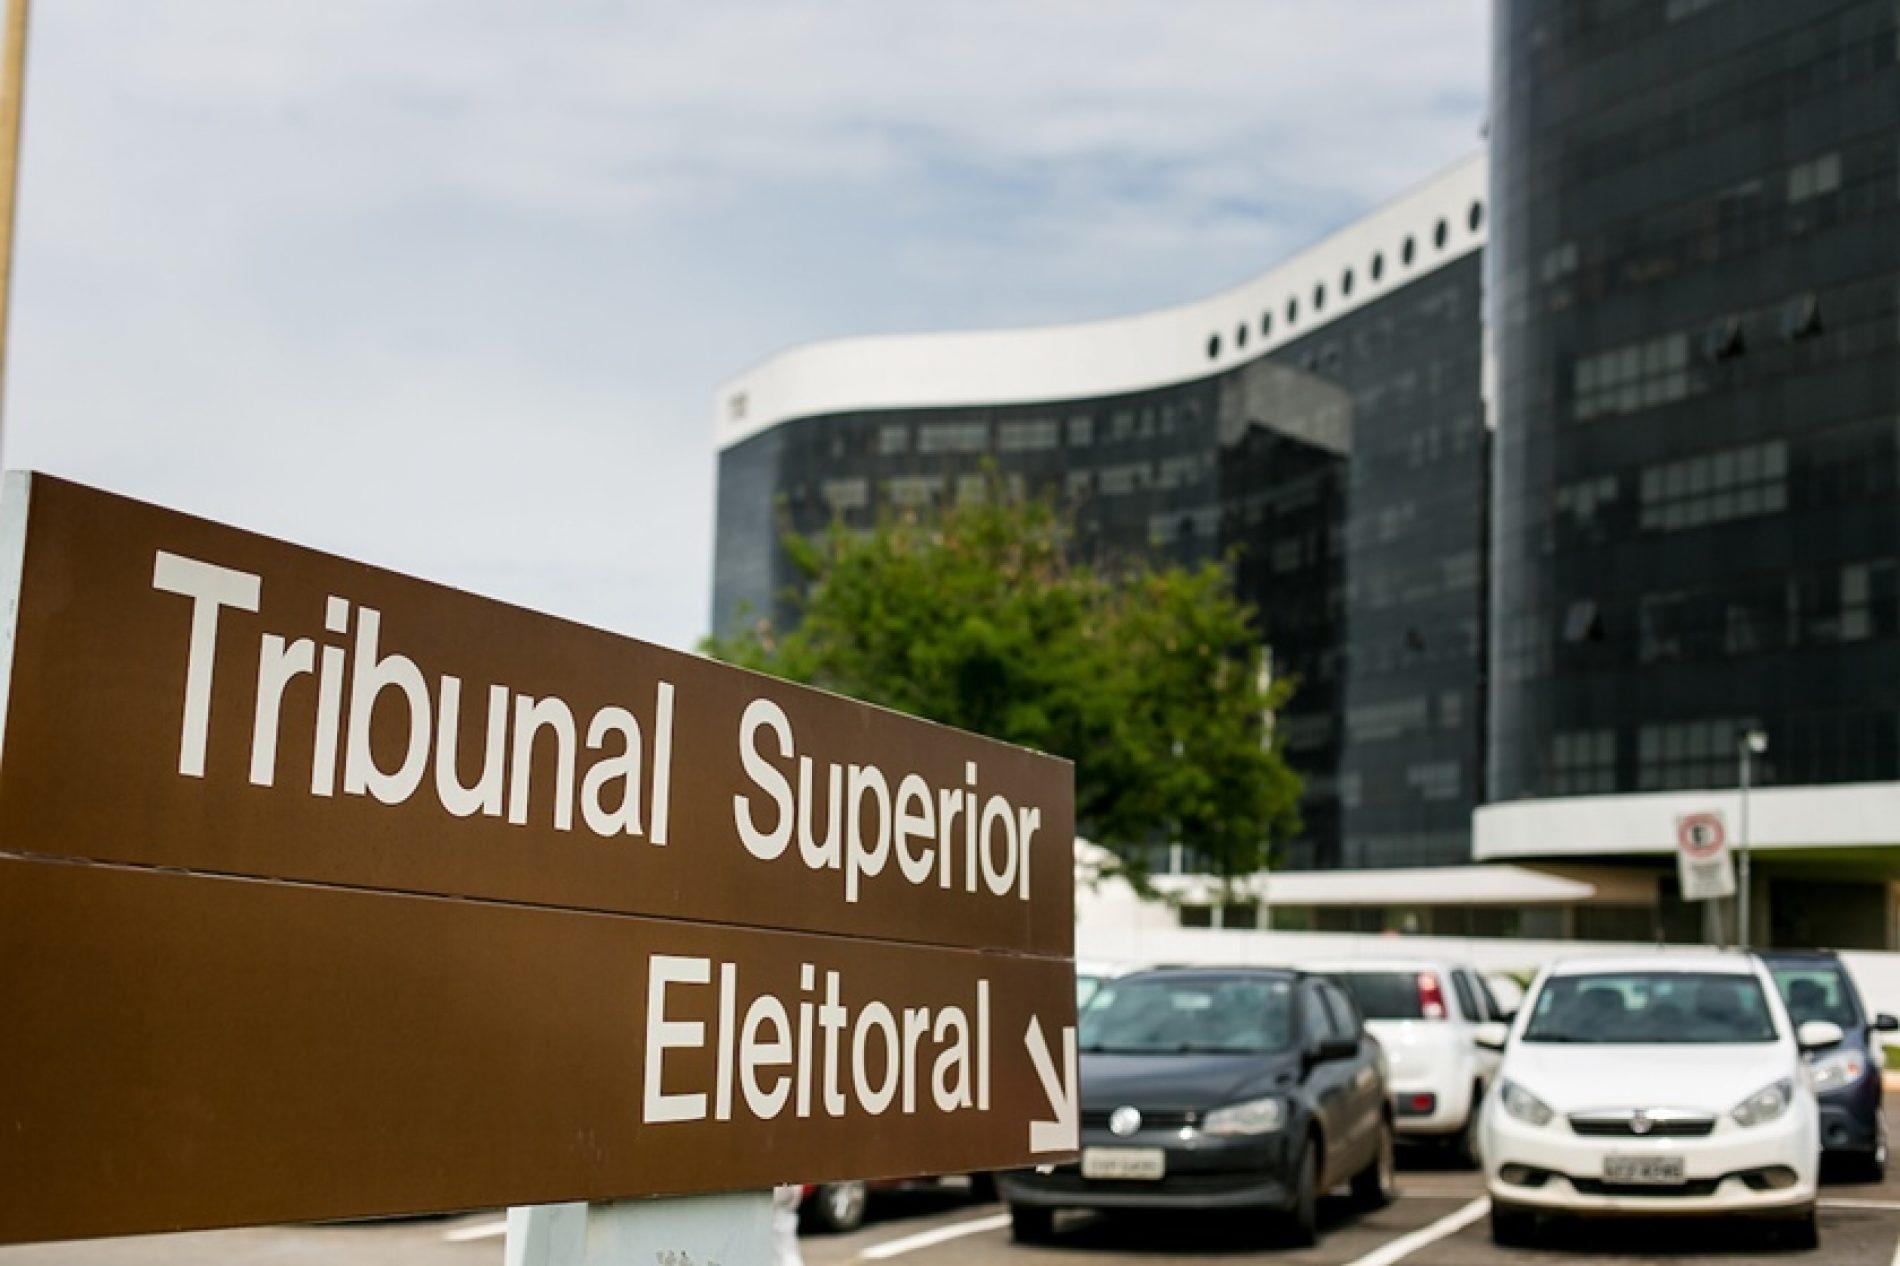 Resolução libera candidatos para bancar 100% das próprias campanhas e facilita eleição de milionários